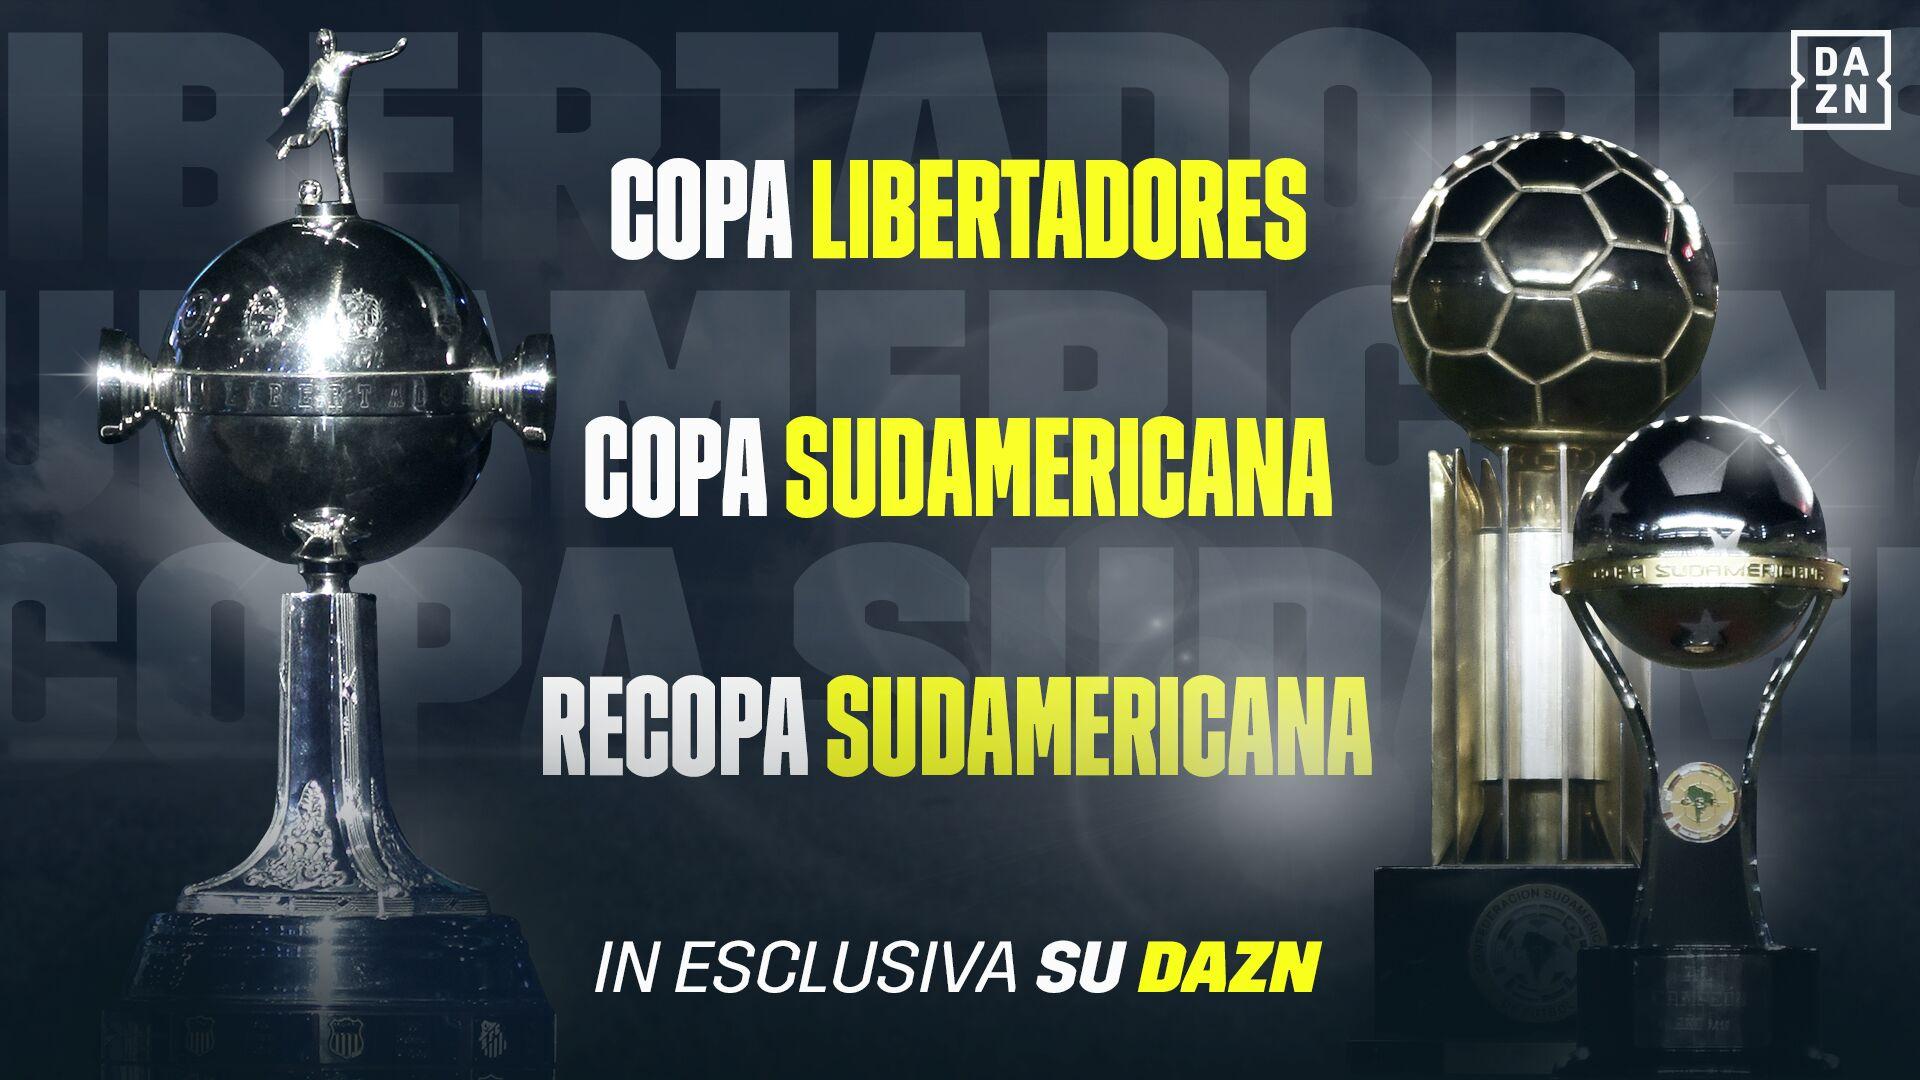 DAZN rinnova i diritti per Libertadores, Sudamericana e Recopa fino al 2022.